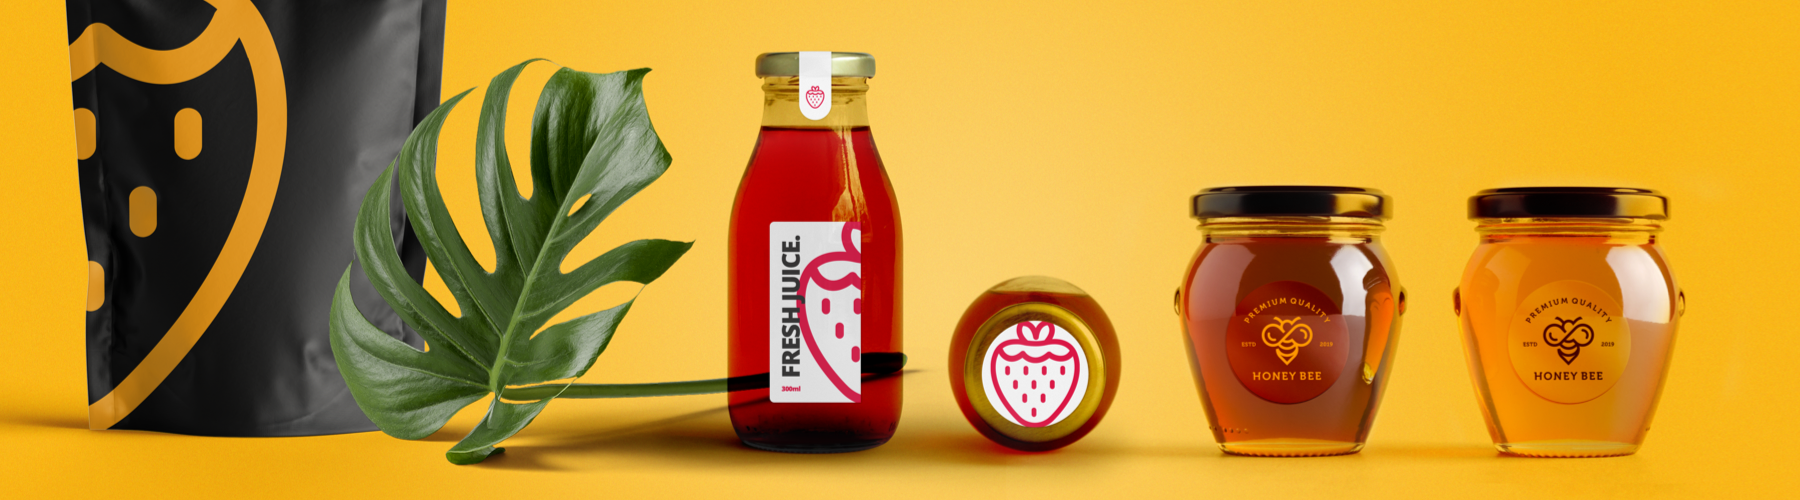 Concevoir un packaging économiques avec des stickers personnalisés